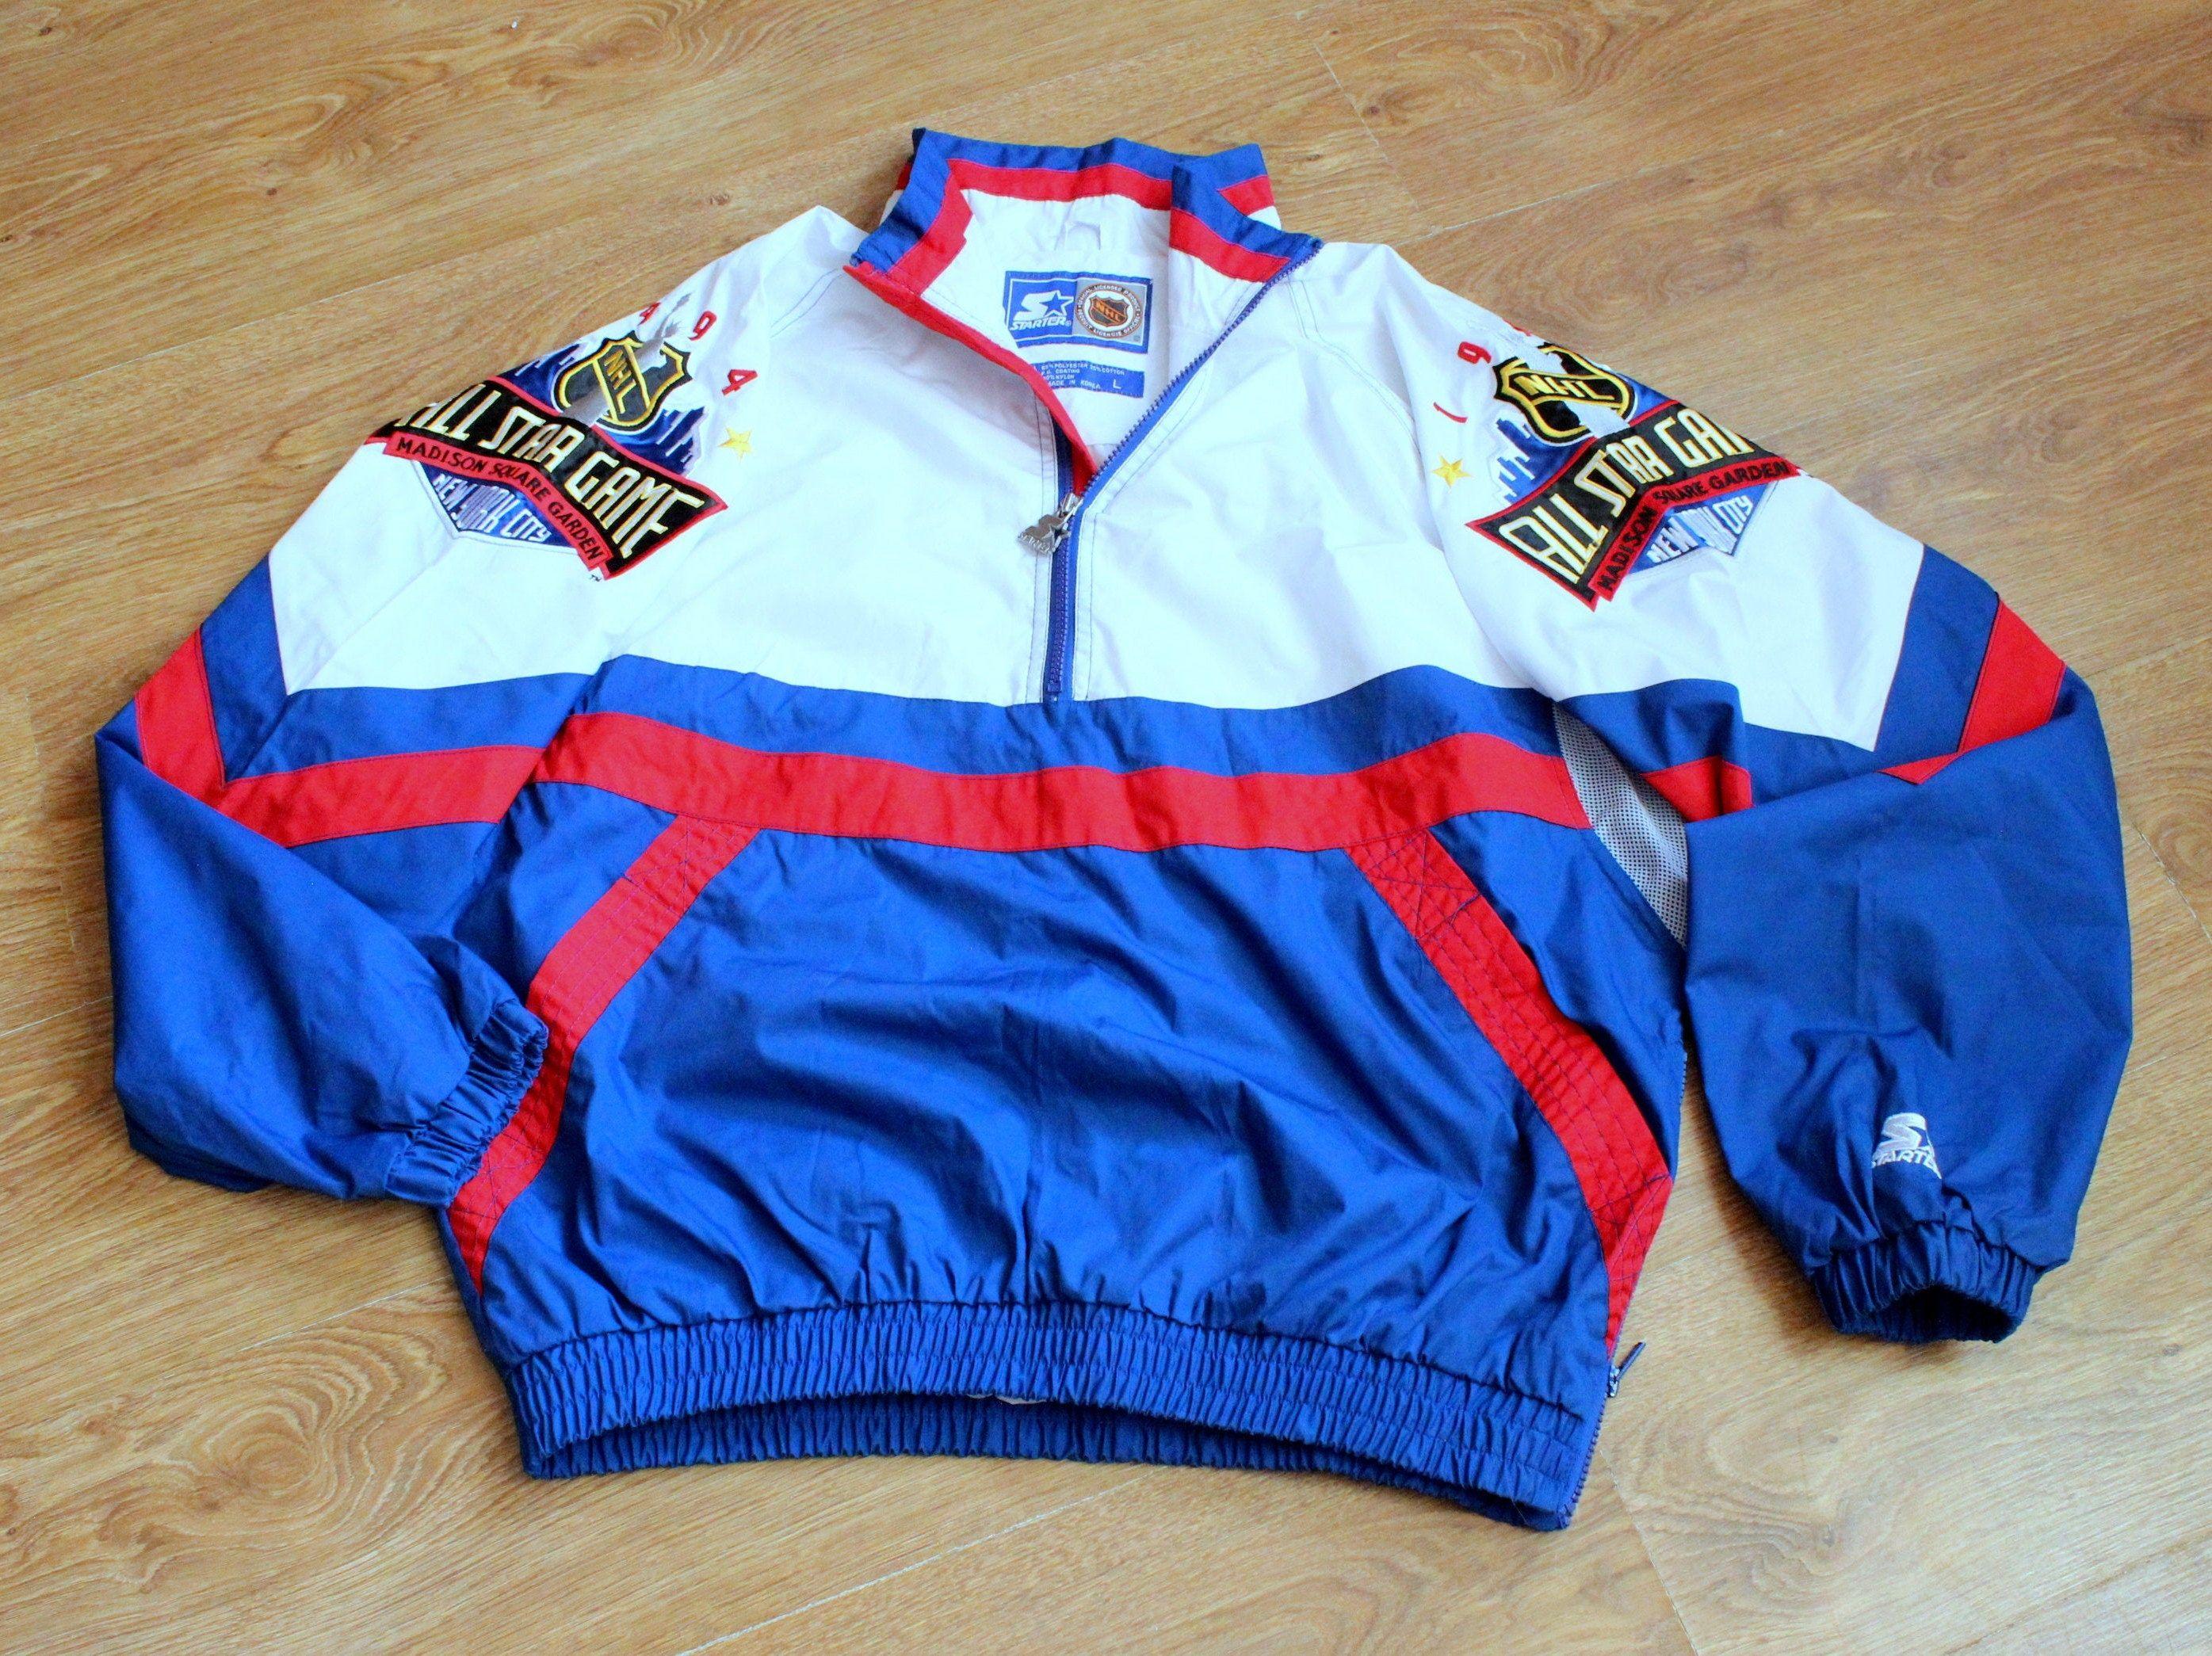 Starter Jacket All Star Game Half Zip Nhl Hockey Track Jacket 1990s Mens Sportswear Windbreaker In 2020 Mens Sportswear Windbreaker Jackets